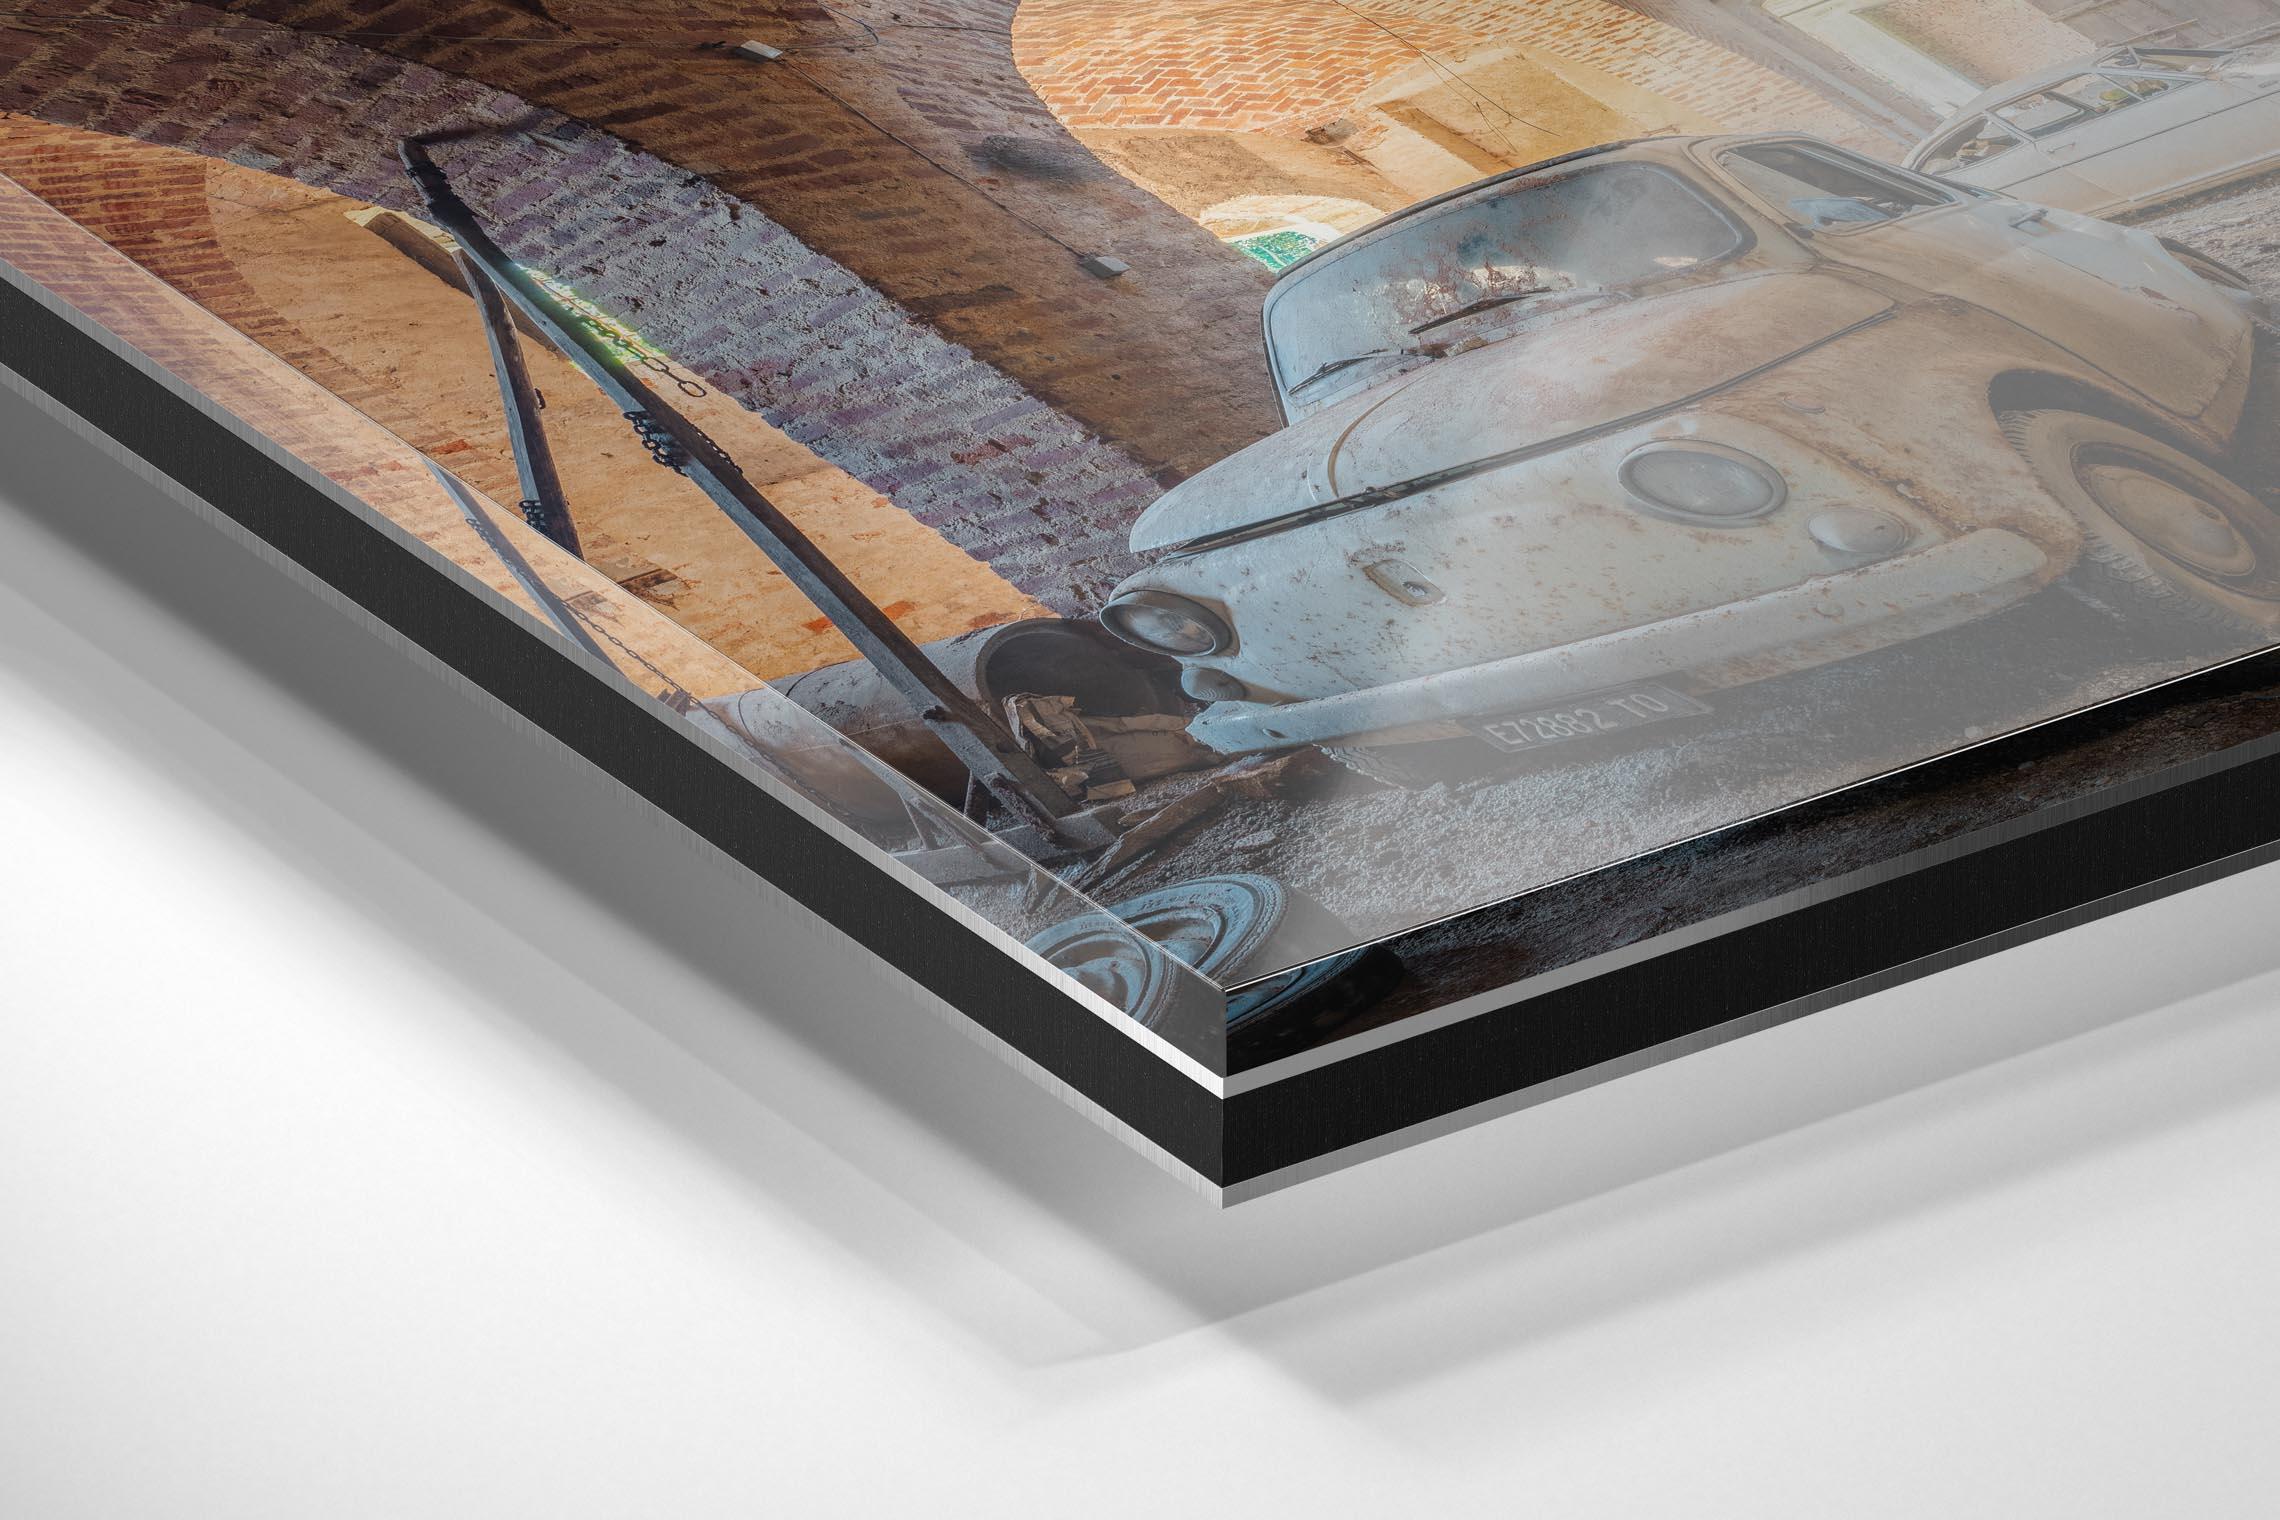 Baksteen Productions - wandecoratie schilderij uitleg -foto papier -dibond with Acrylic Glass 2mm mat